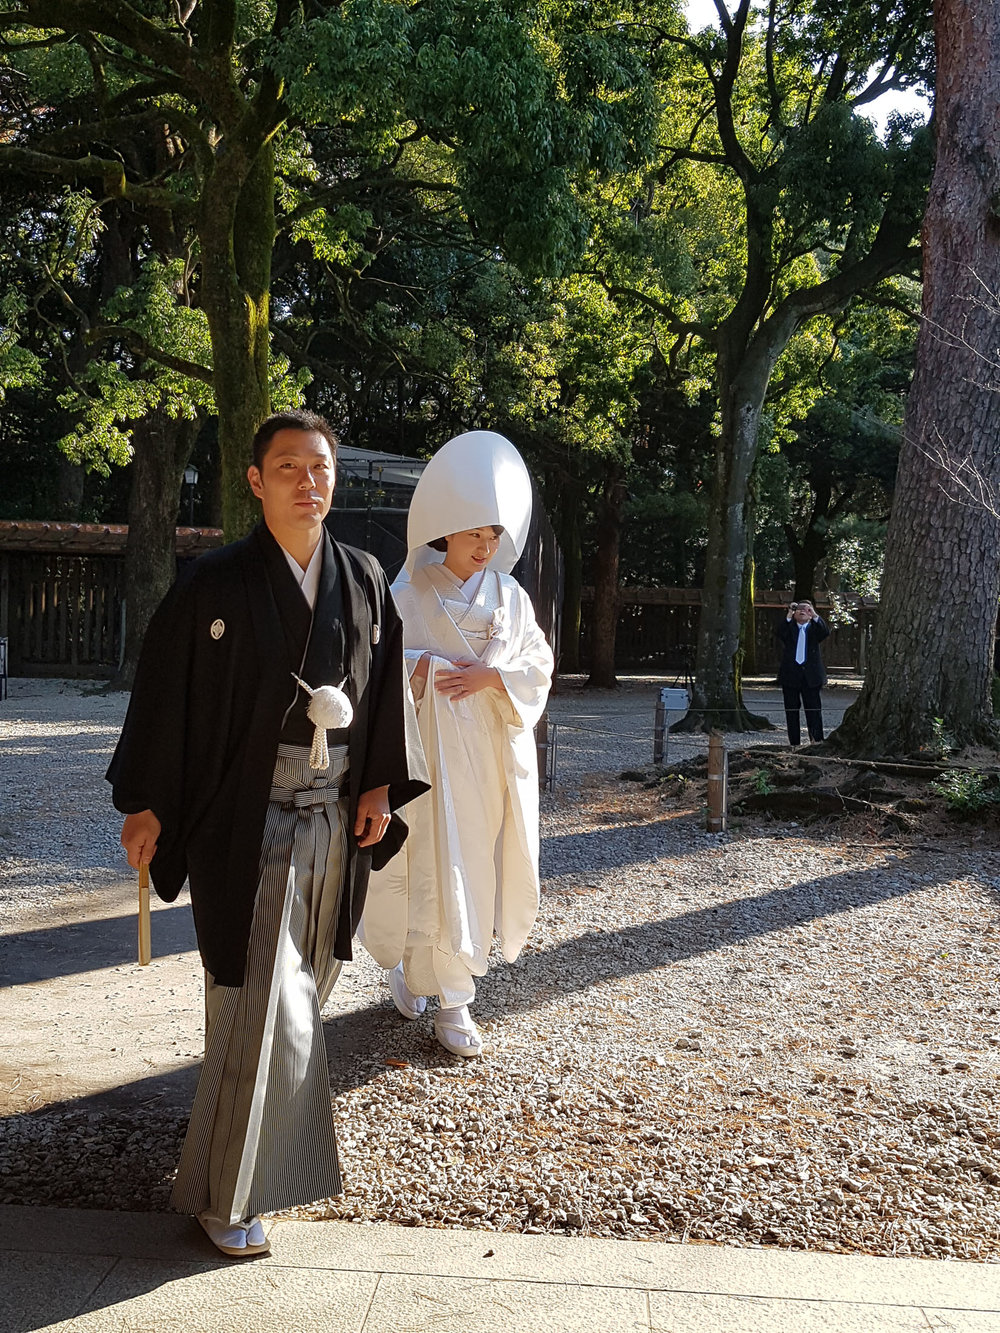 No Santuário Meiji também rola casamentos, entre outras cerimônias religiosas. Tivemos sorte e vimos um casório acontecendo quando estamos indo embora.